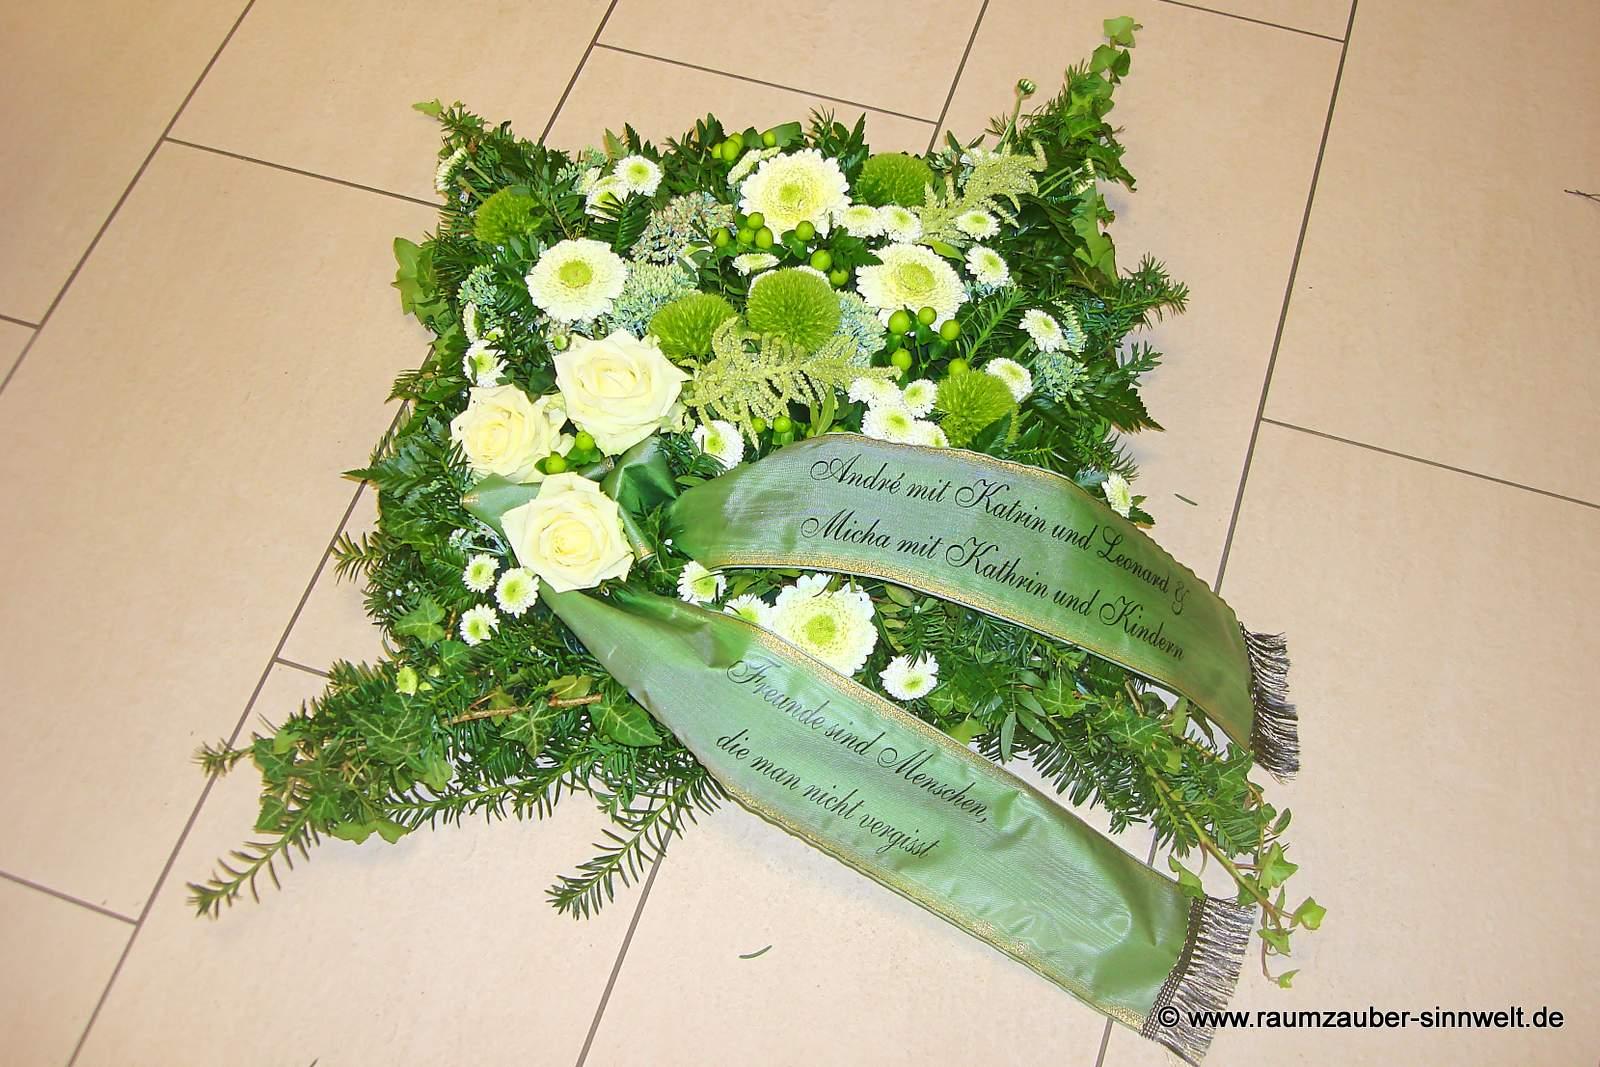 Trauerkissen mit Rosen, Santini und Hypericum